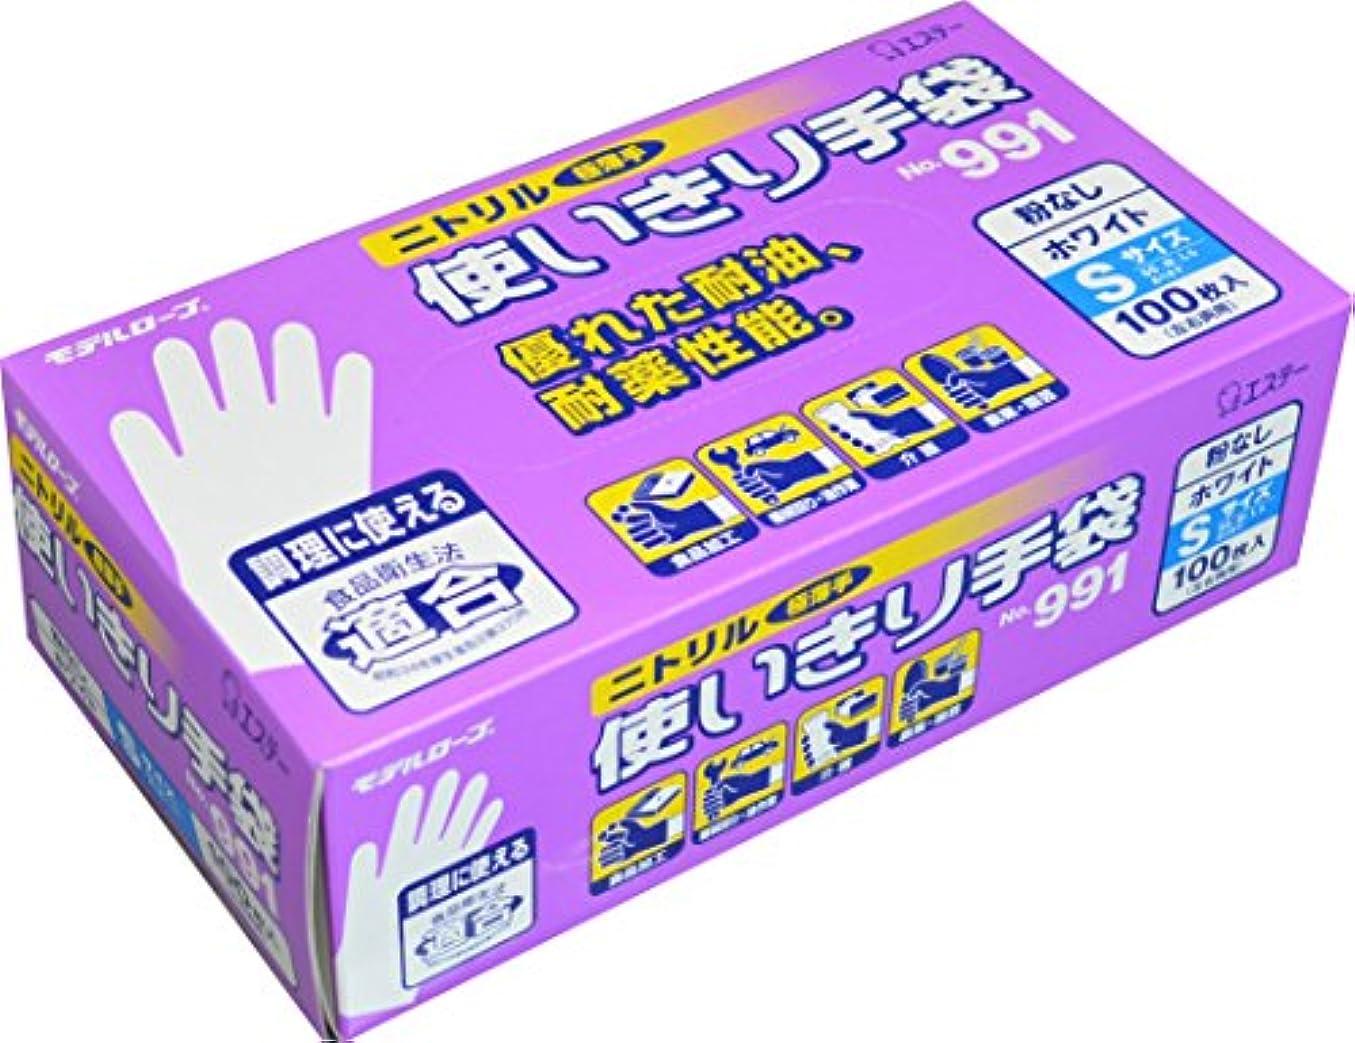 きらきらできた電子モデルローブ NO991 ニトリル使い切り手袋 100枚 ホワイト S